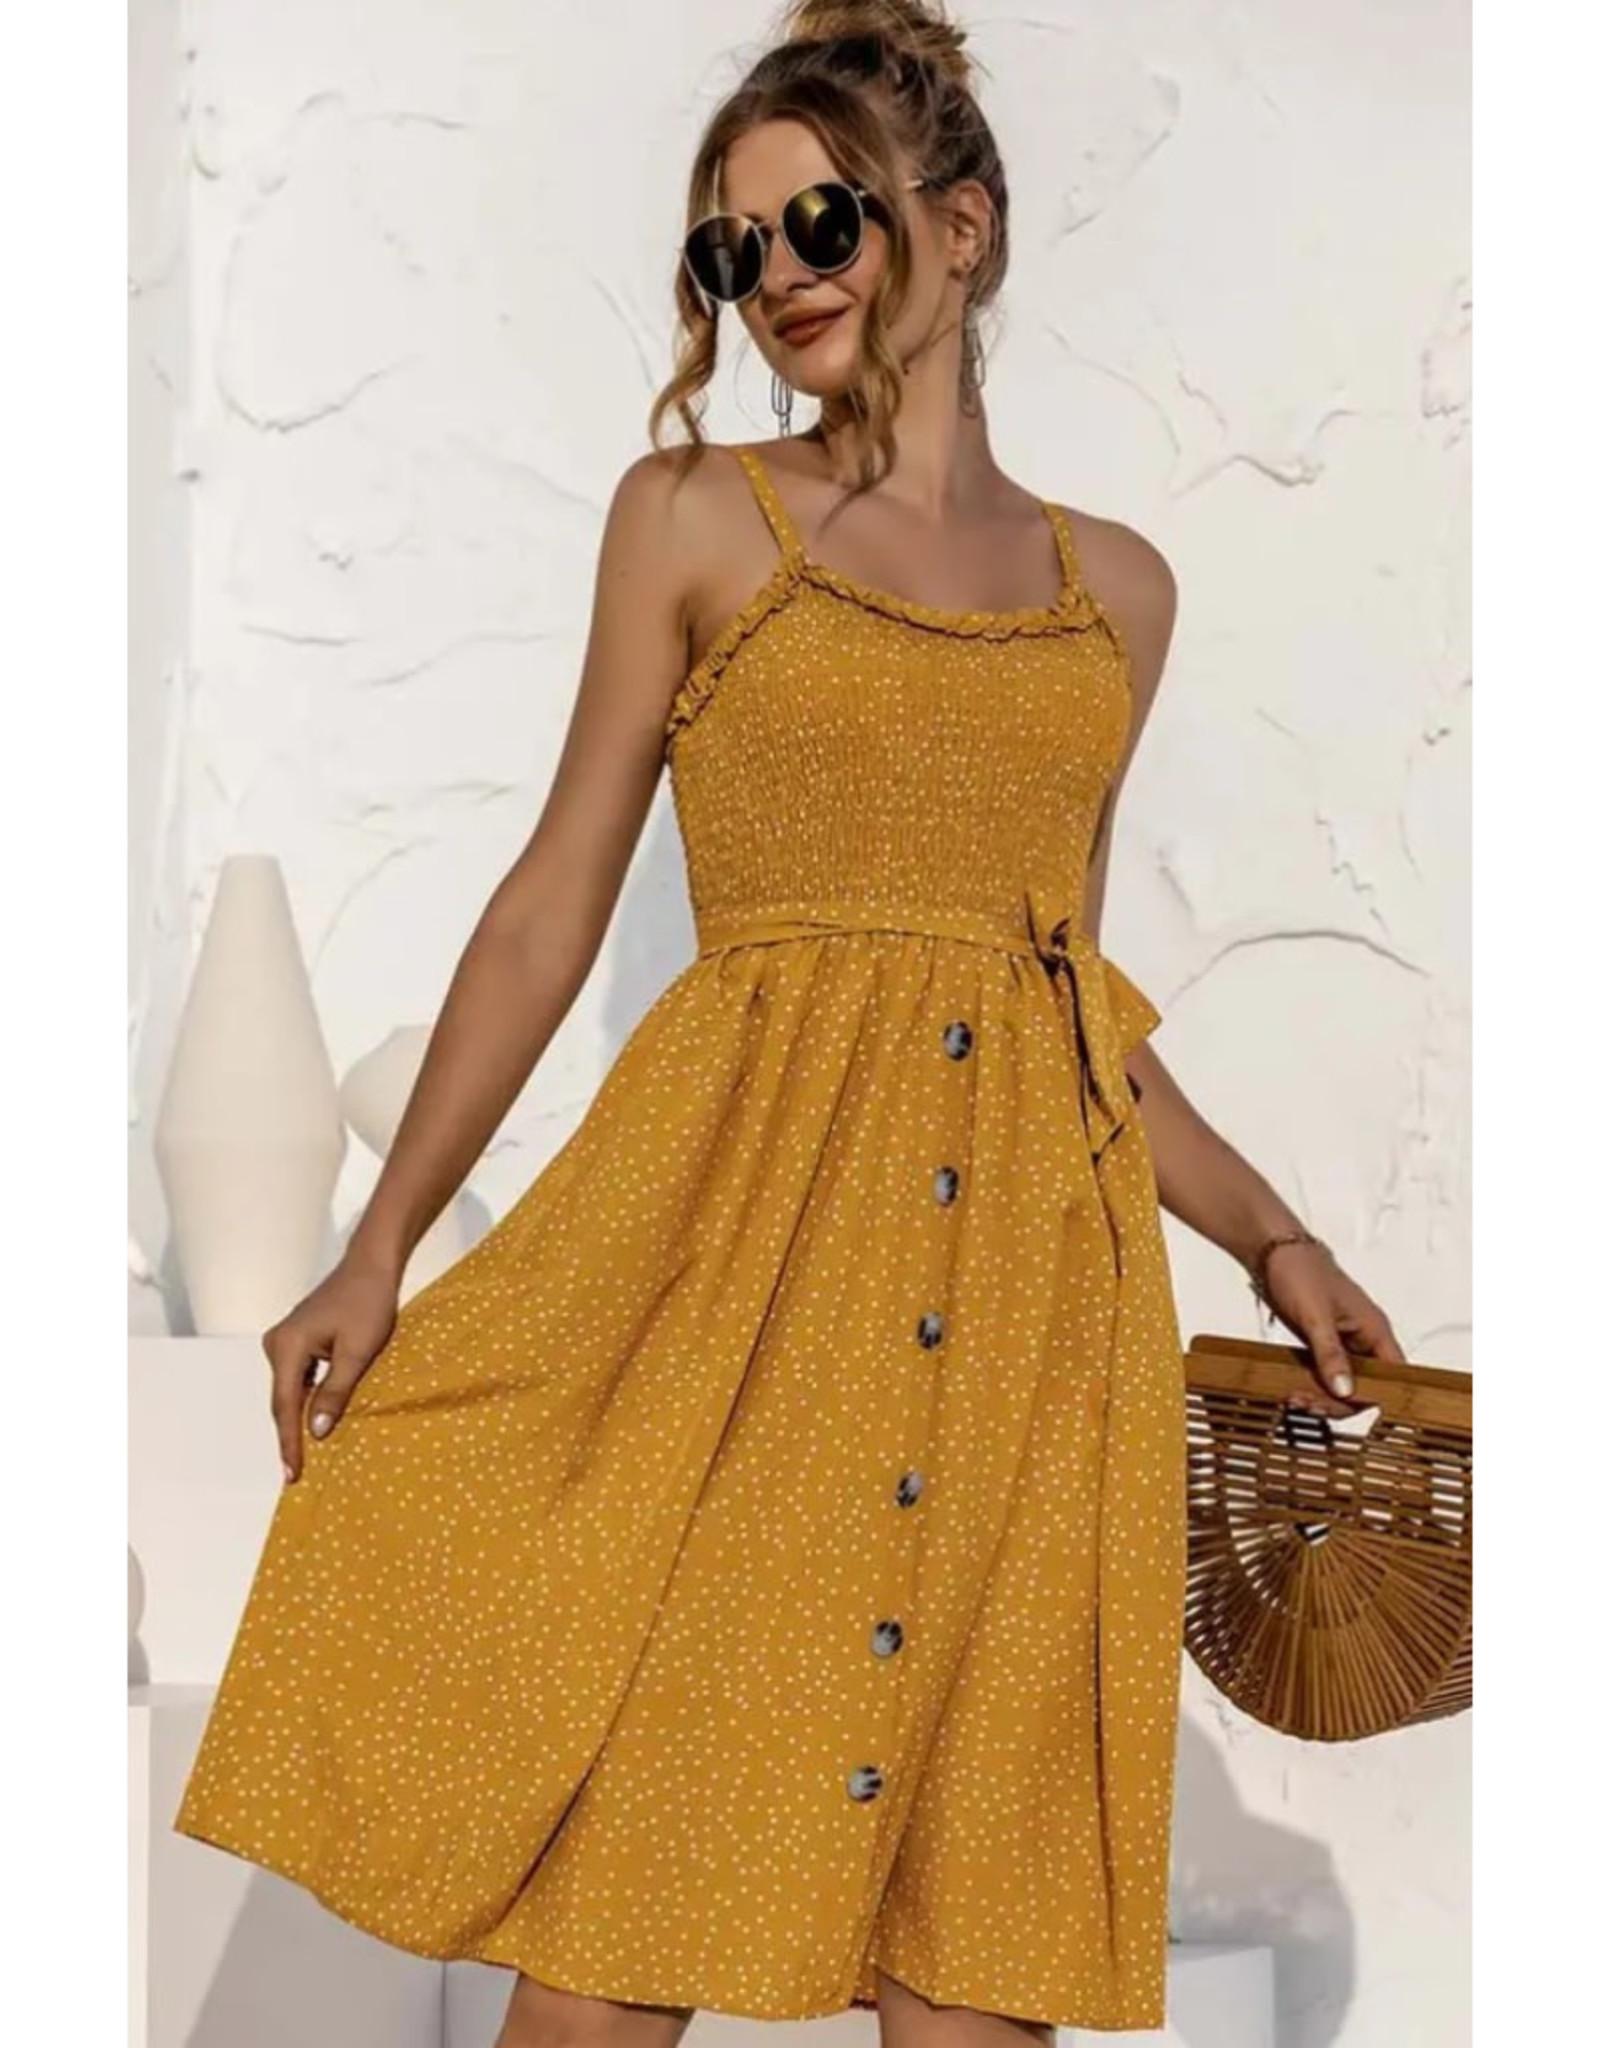 Polka Dot Mini Dress - Mustard